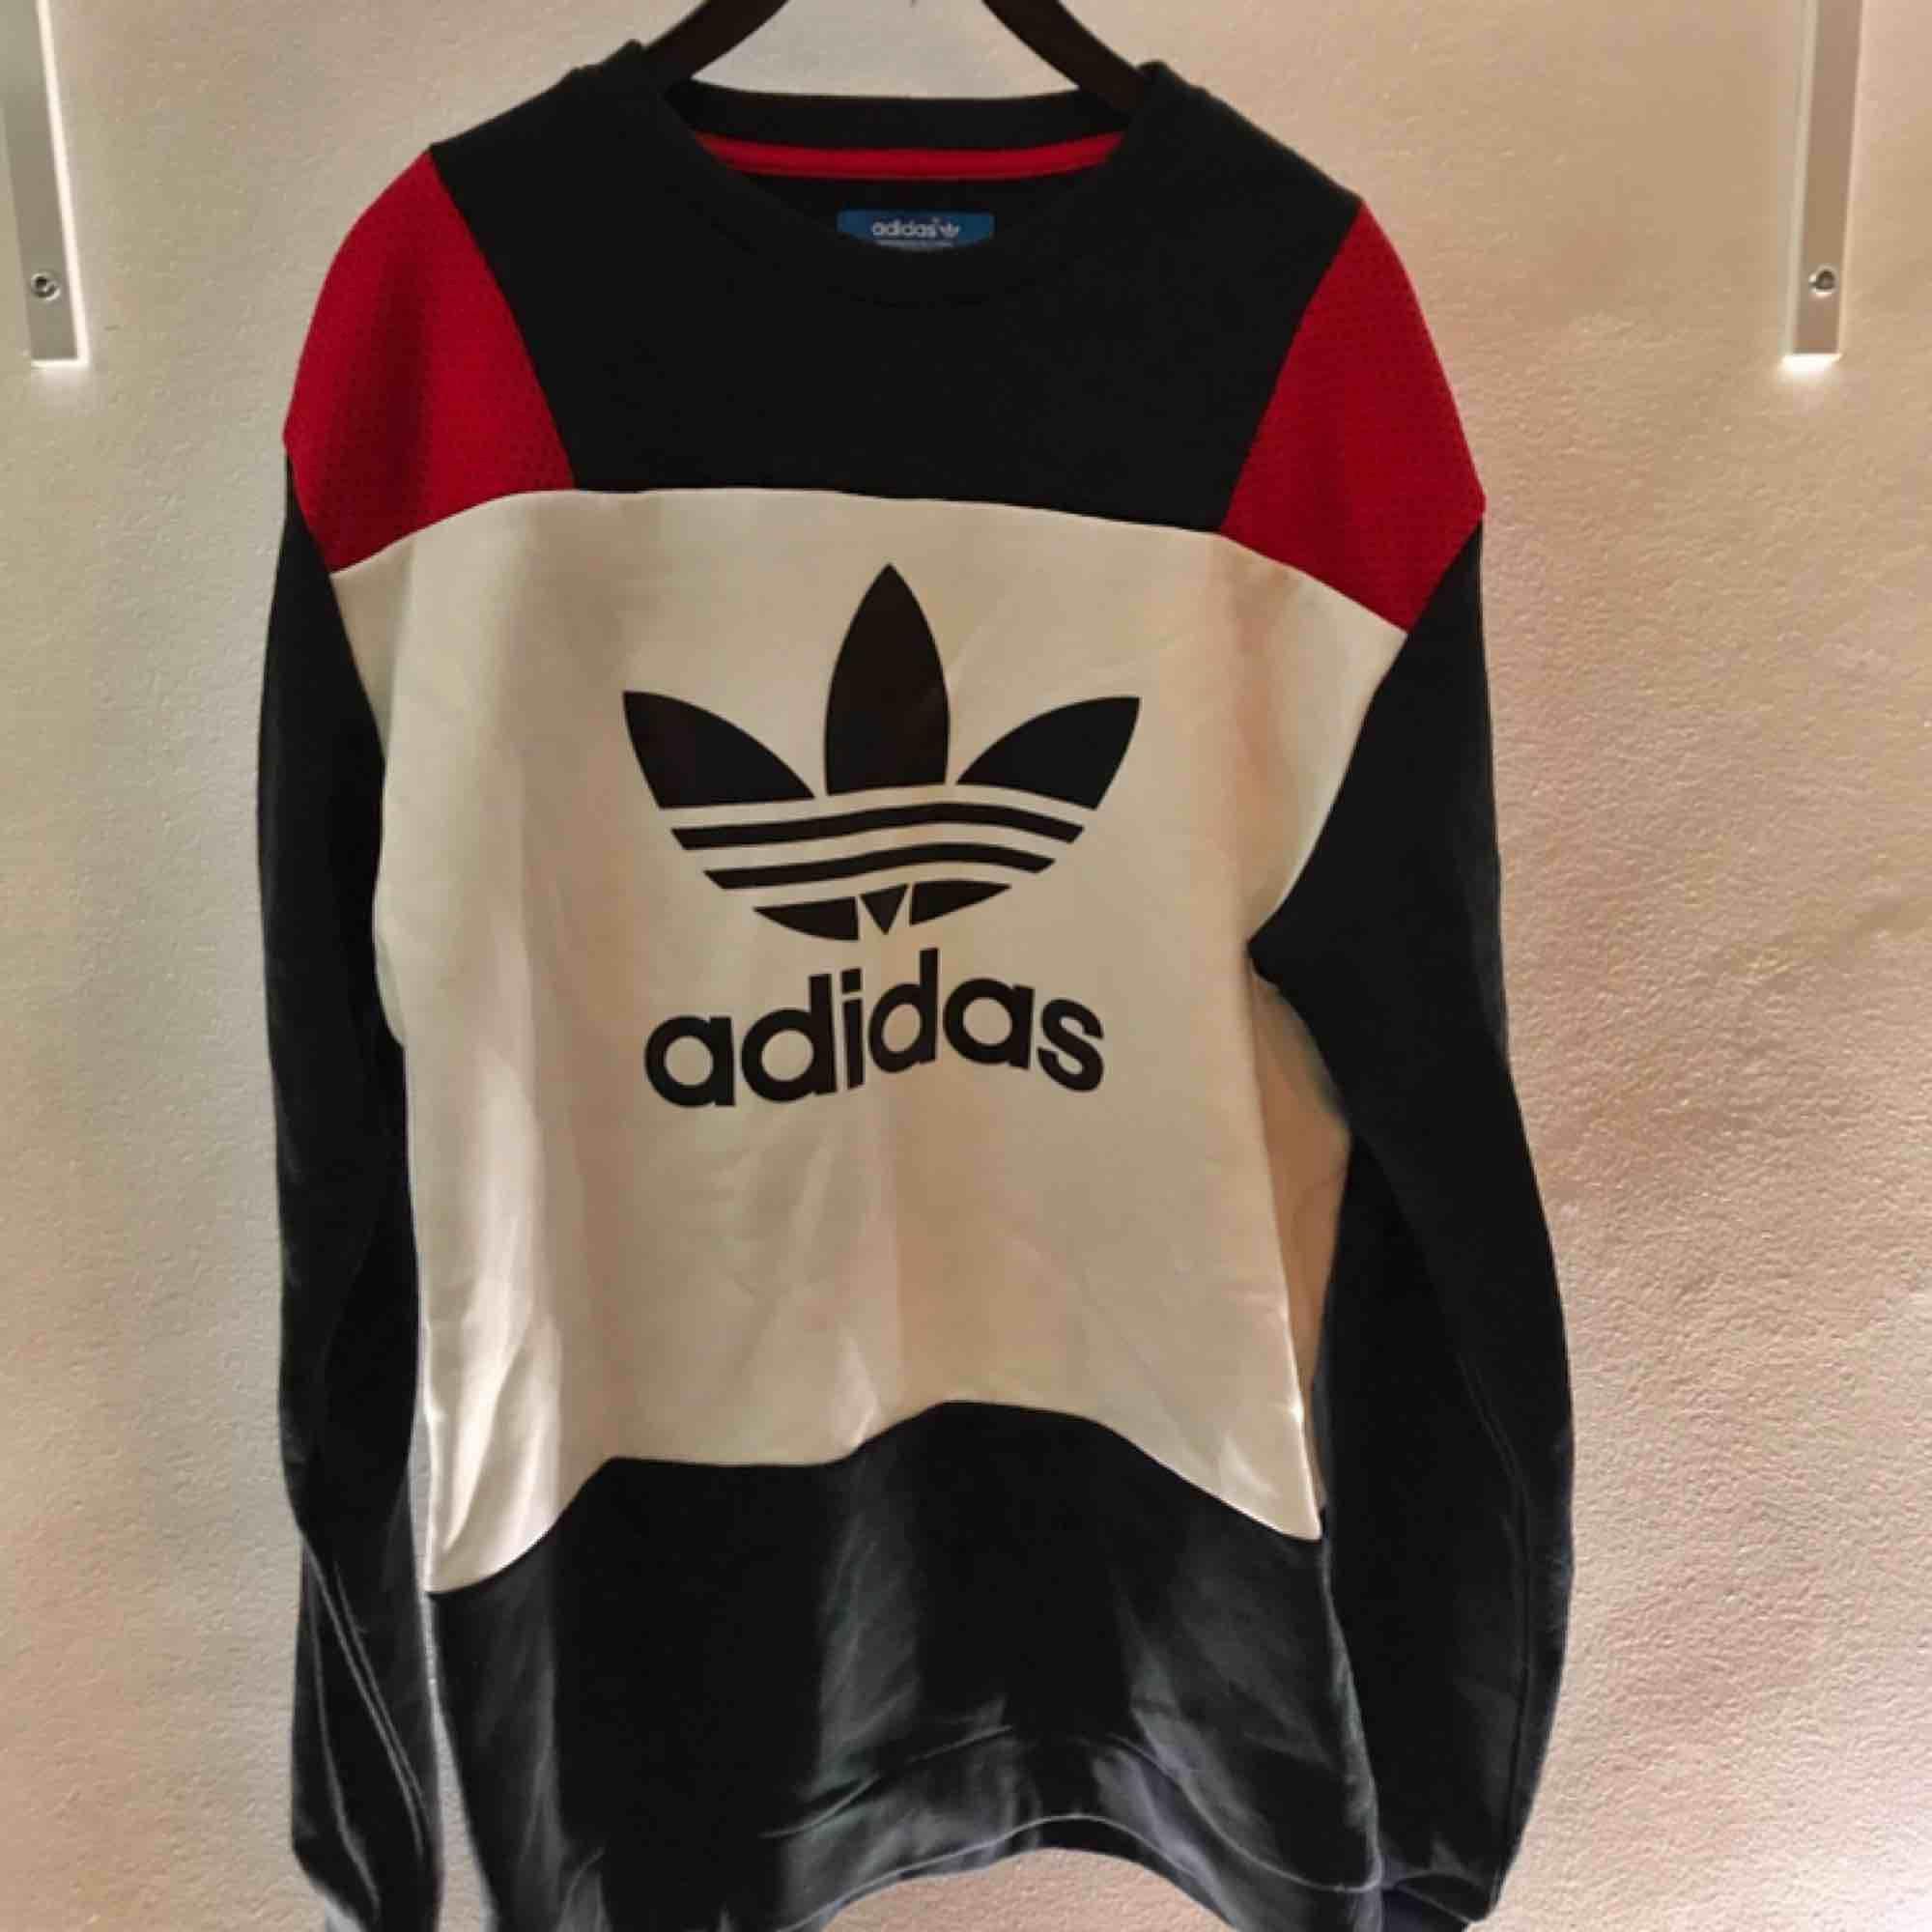 Crewnecktröja ifrån Adidas. Denna tröja har endast prövats, så gott som ny. Lite tjockare material på tyget. Även denna köpt ifrån Junkyard.se - (599kr)  Frakten är inräknad i priset. . Tröjor & Koftor.